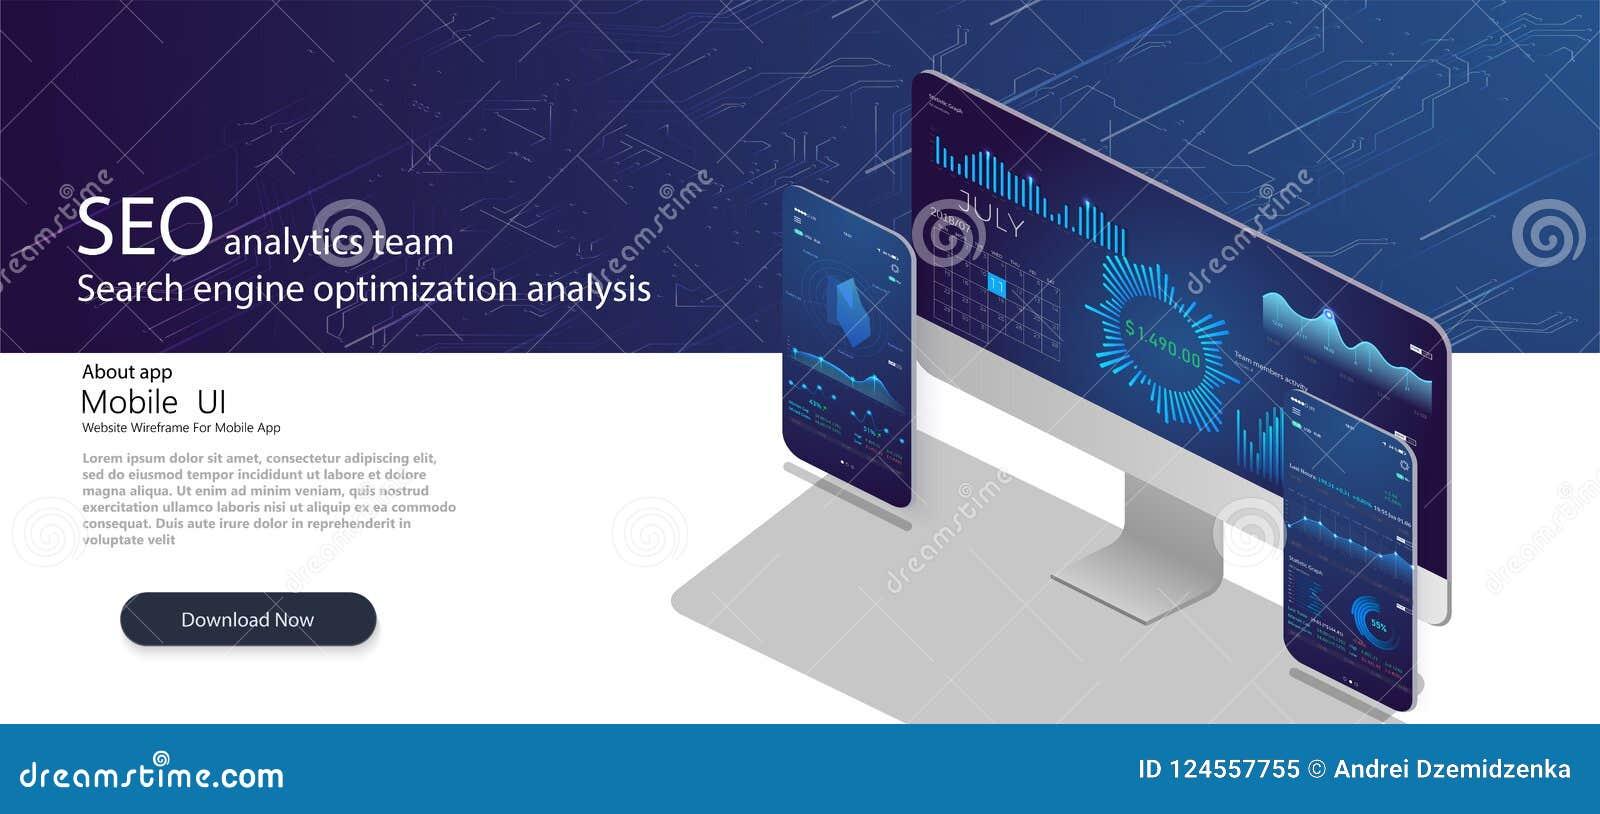 Προσγειωμένος σελίδα ομάδων analytics SEO Αναλυτικές ιστοσελίδας με τα διαγράμματα Έννοια ανάλυσης βελτιστοποίησης μηχανών αναζήτ